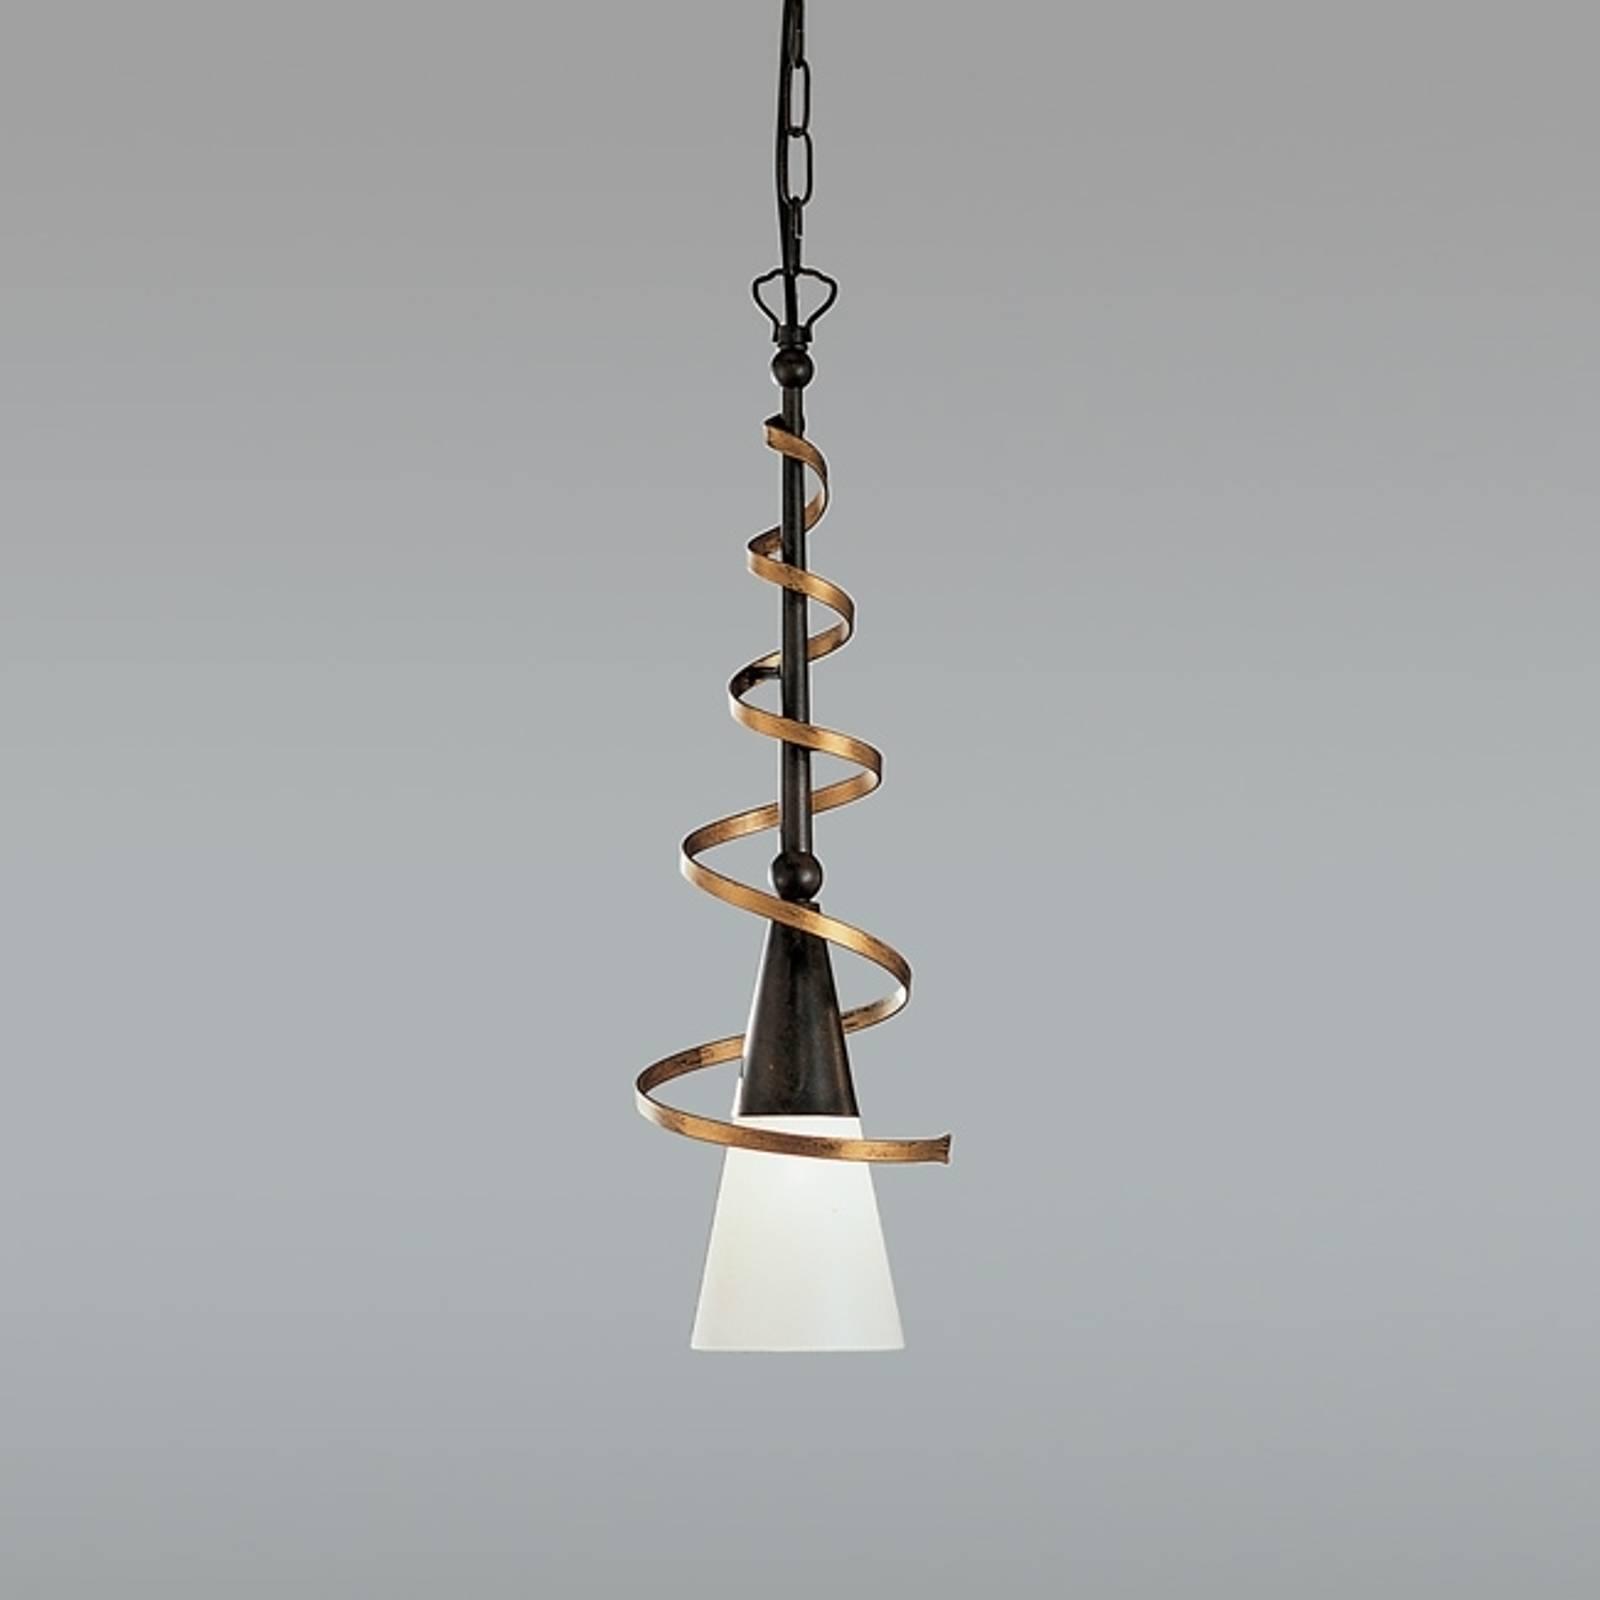 Lampa wisząca BONITO, rdzawy antyk, 50 cm